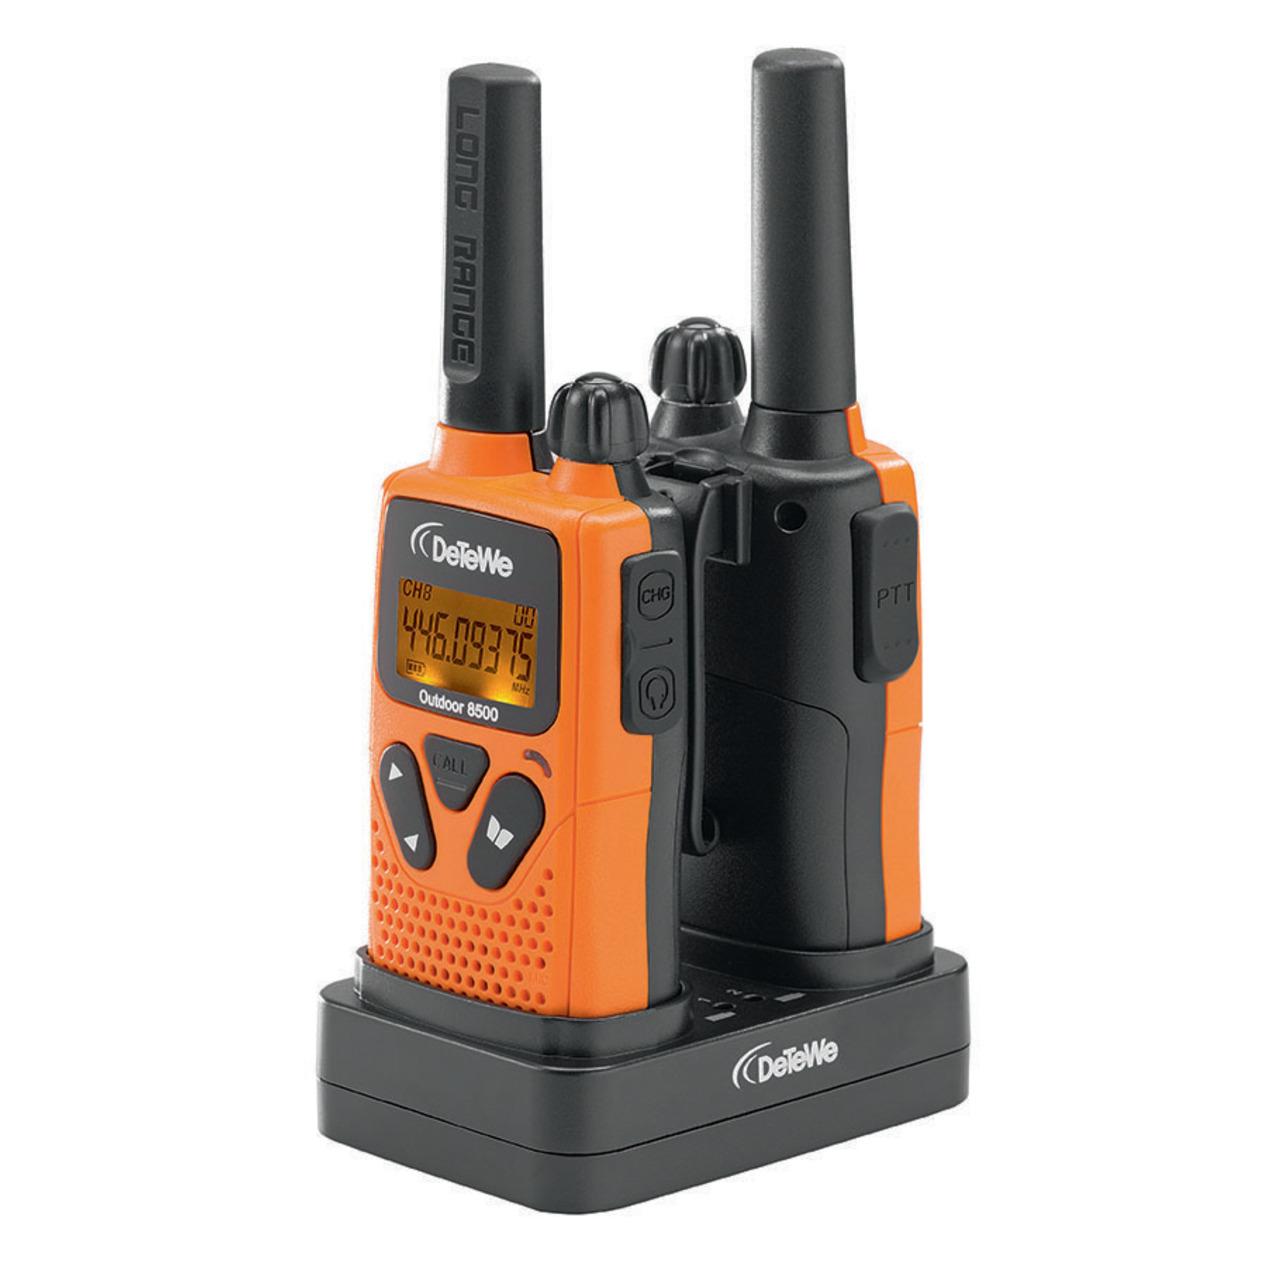 DeTeWe PMR-Handfunkgerät Outdoor 8500- 2er Set